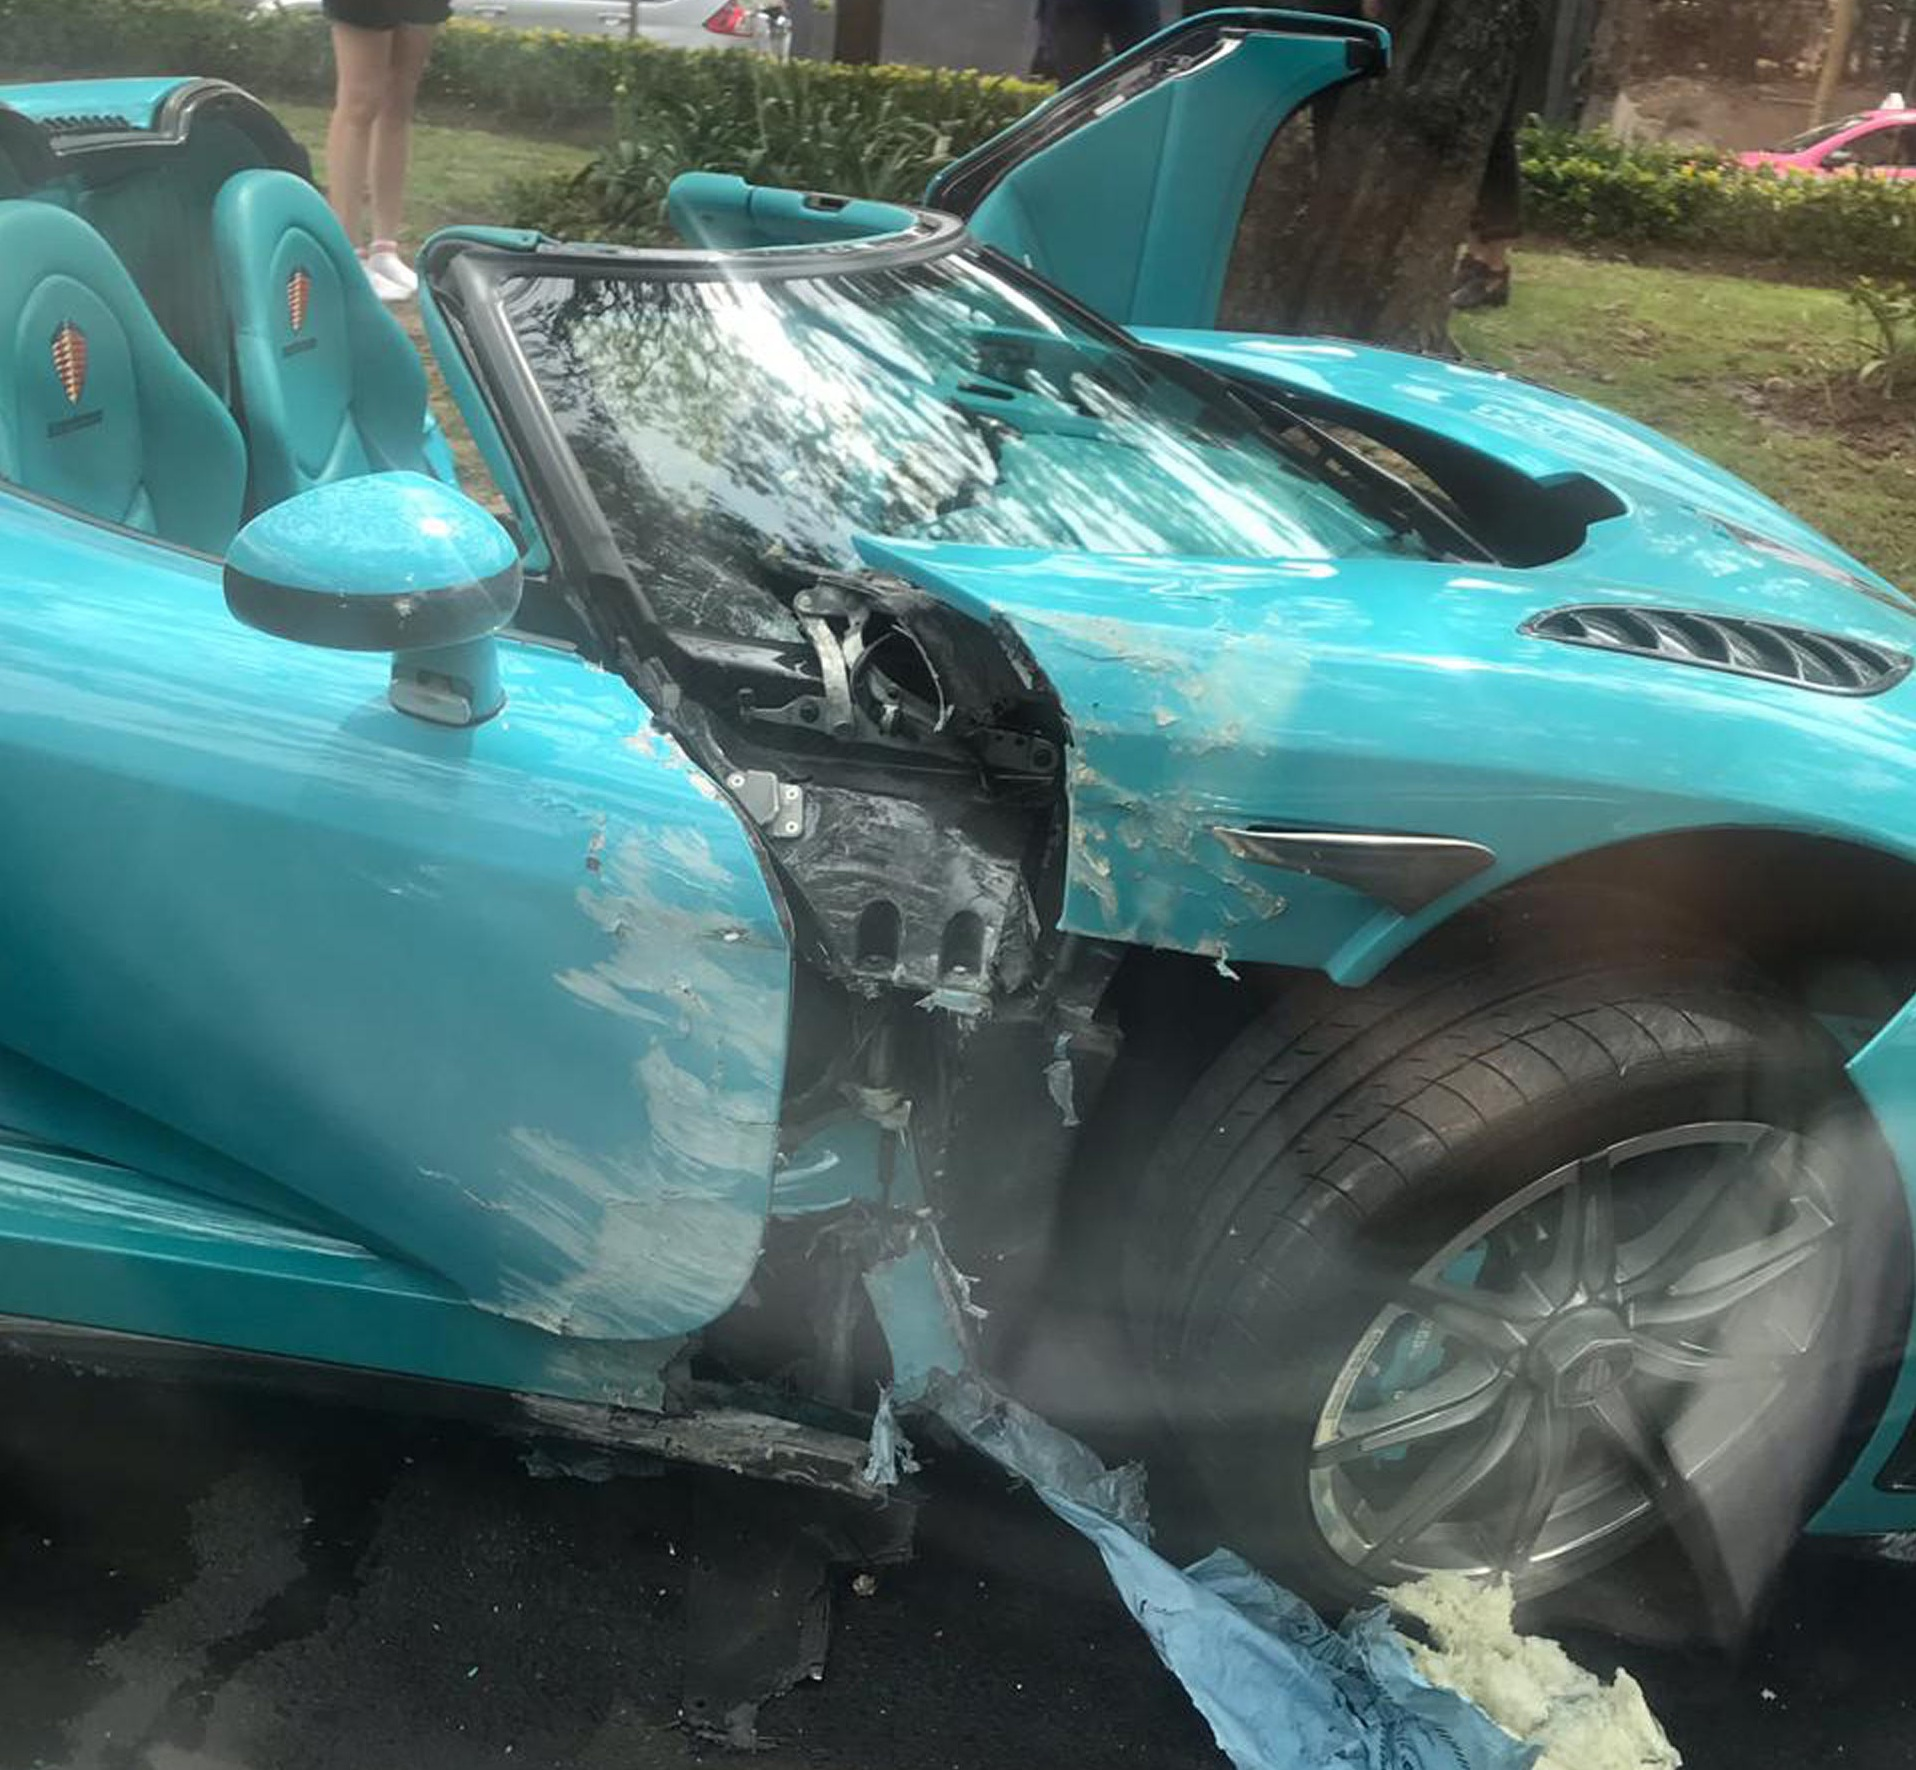 Уникальный гиперкар Koenigsegg CCXR за 2 миллиона долларов разбили на ровном месте в Мехико